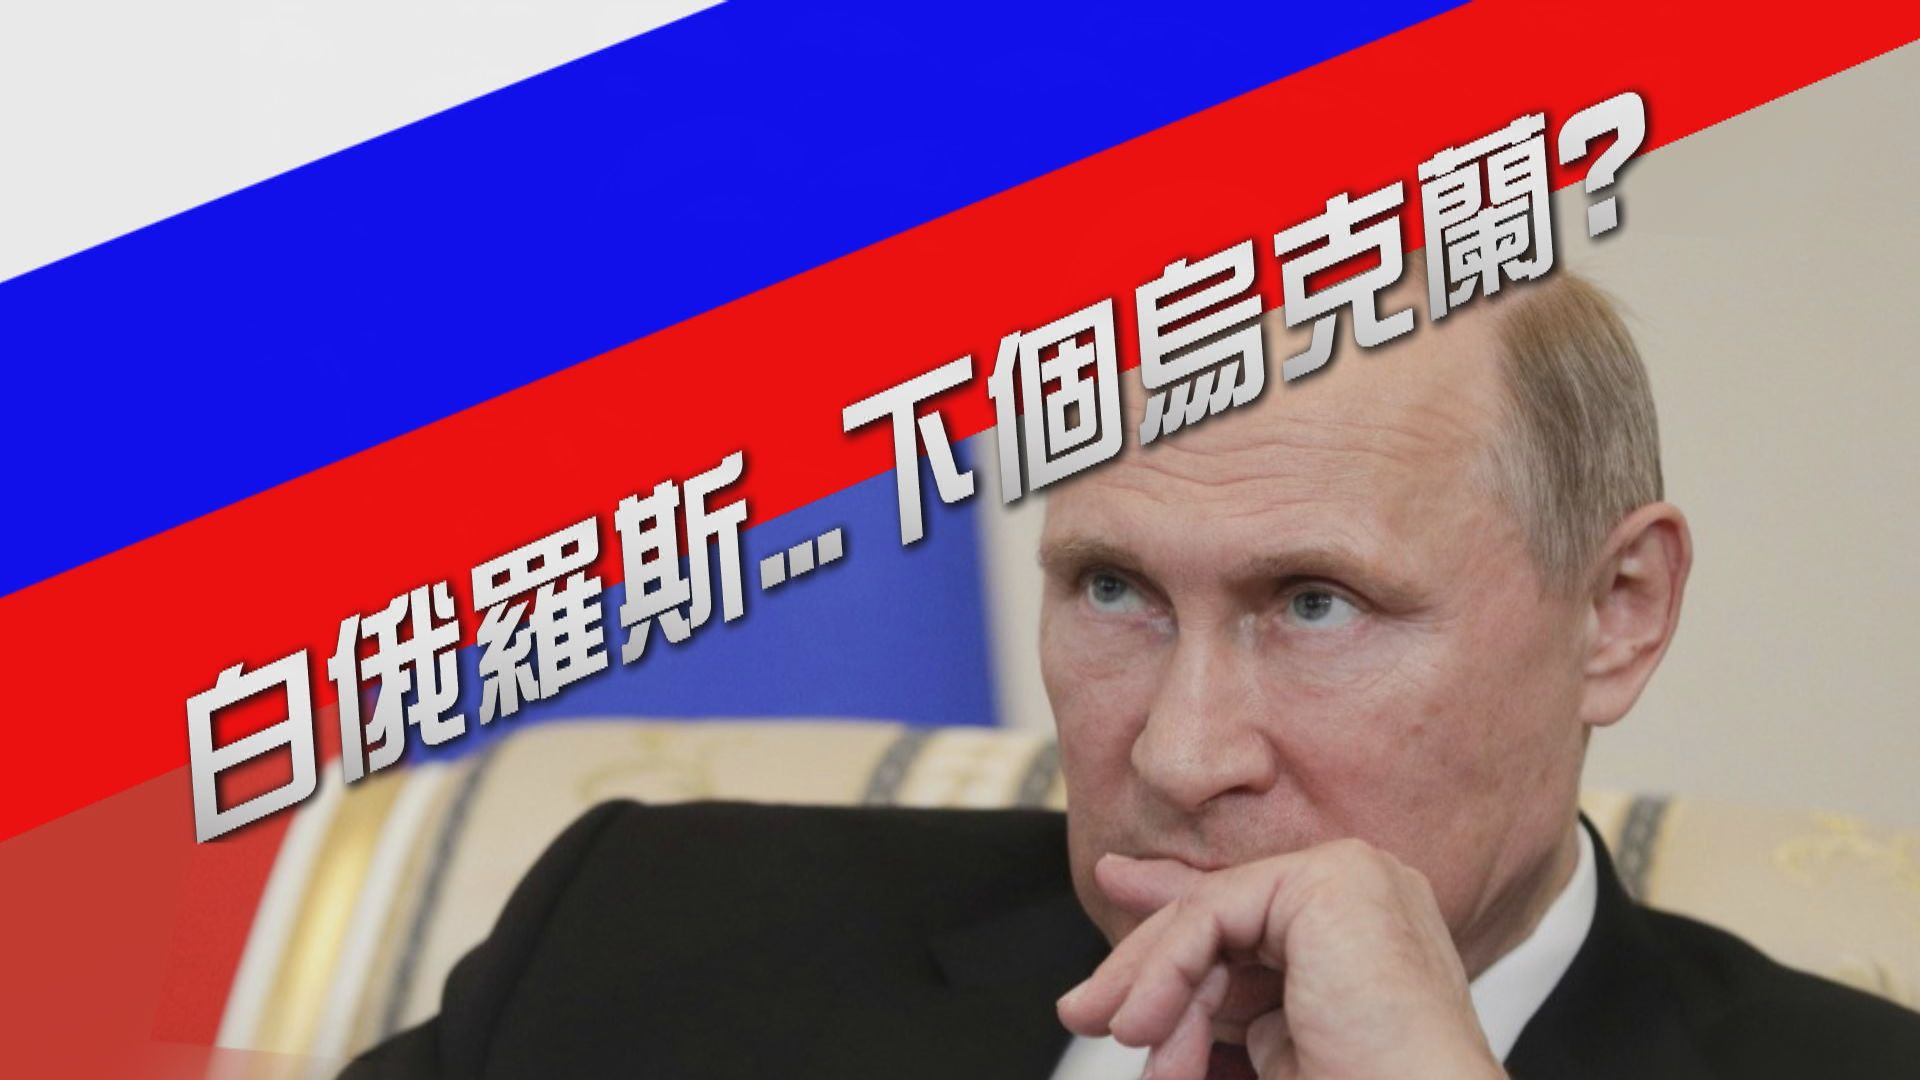 【新聞智庫】白俄羅斯成下個烏克蘭?